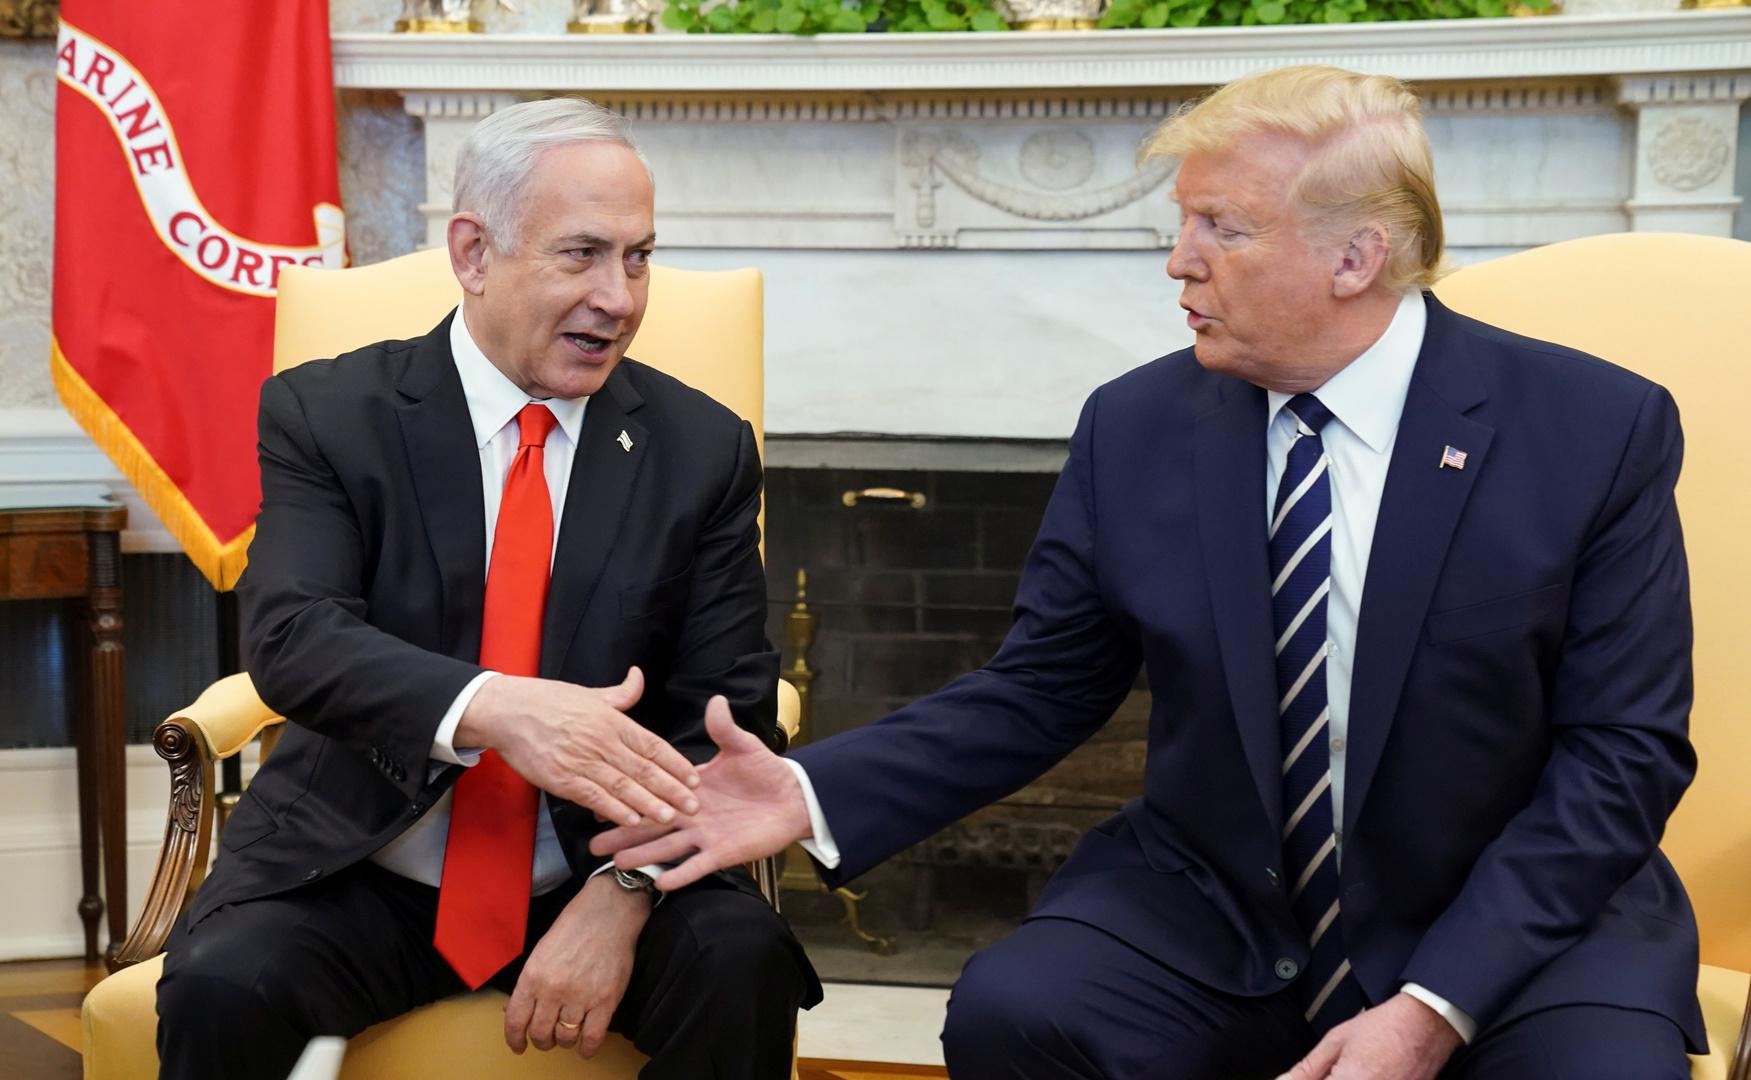 رئيس الوزراء الإسرائيلي بنيامين نتنياهو، مع الرئيس الأمريكي دونالد ترامب